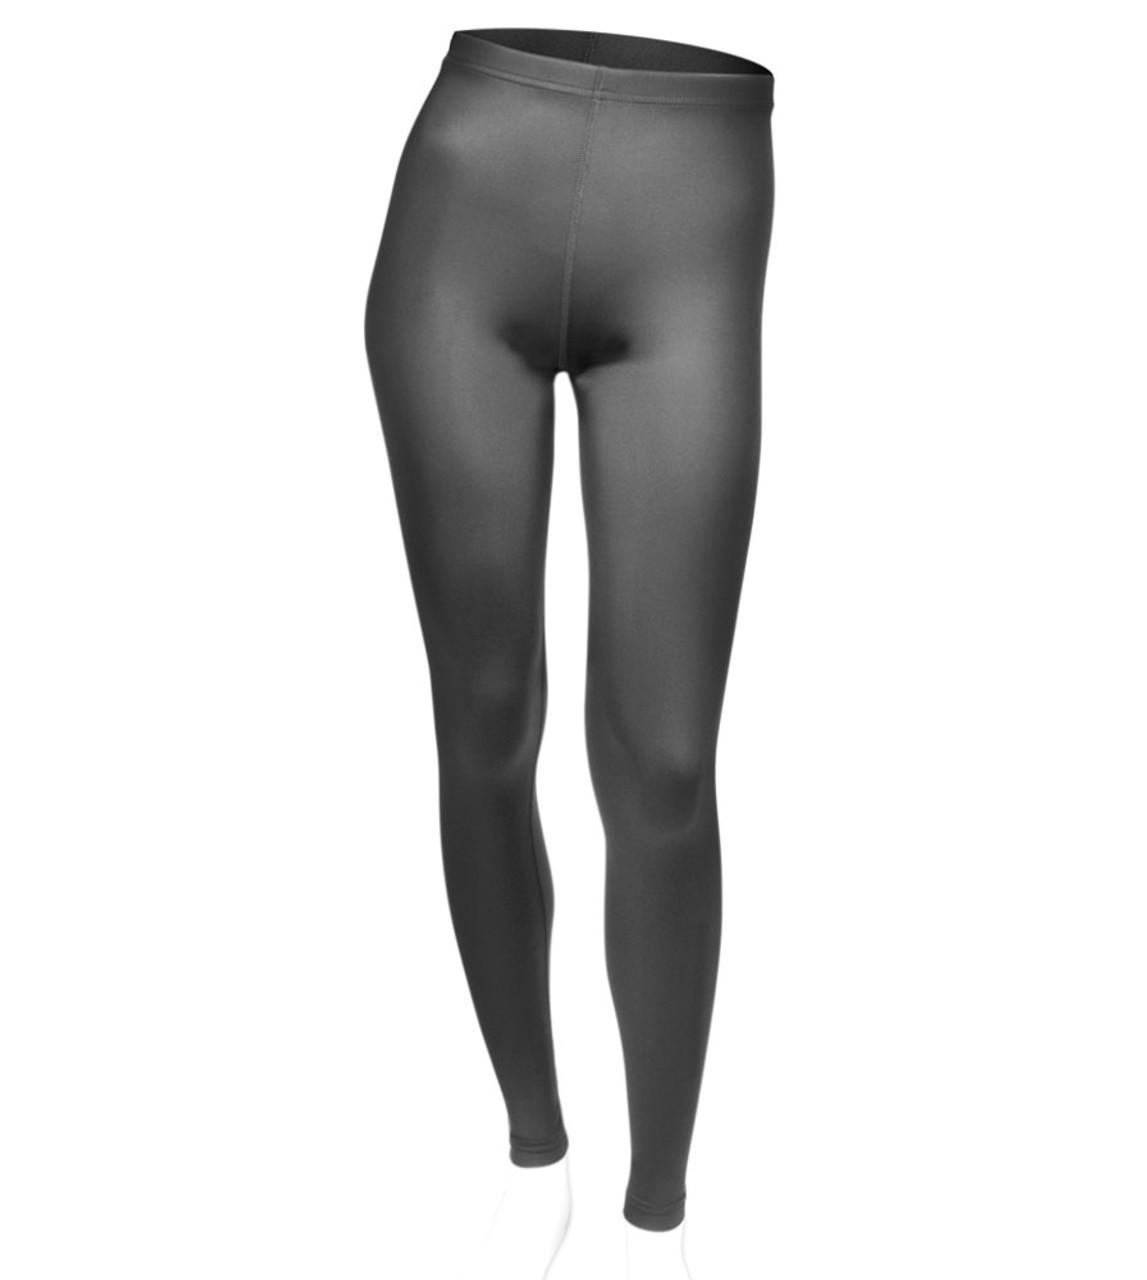 Womens Spandex Knicker Exercise Compression Capri